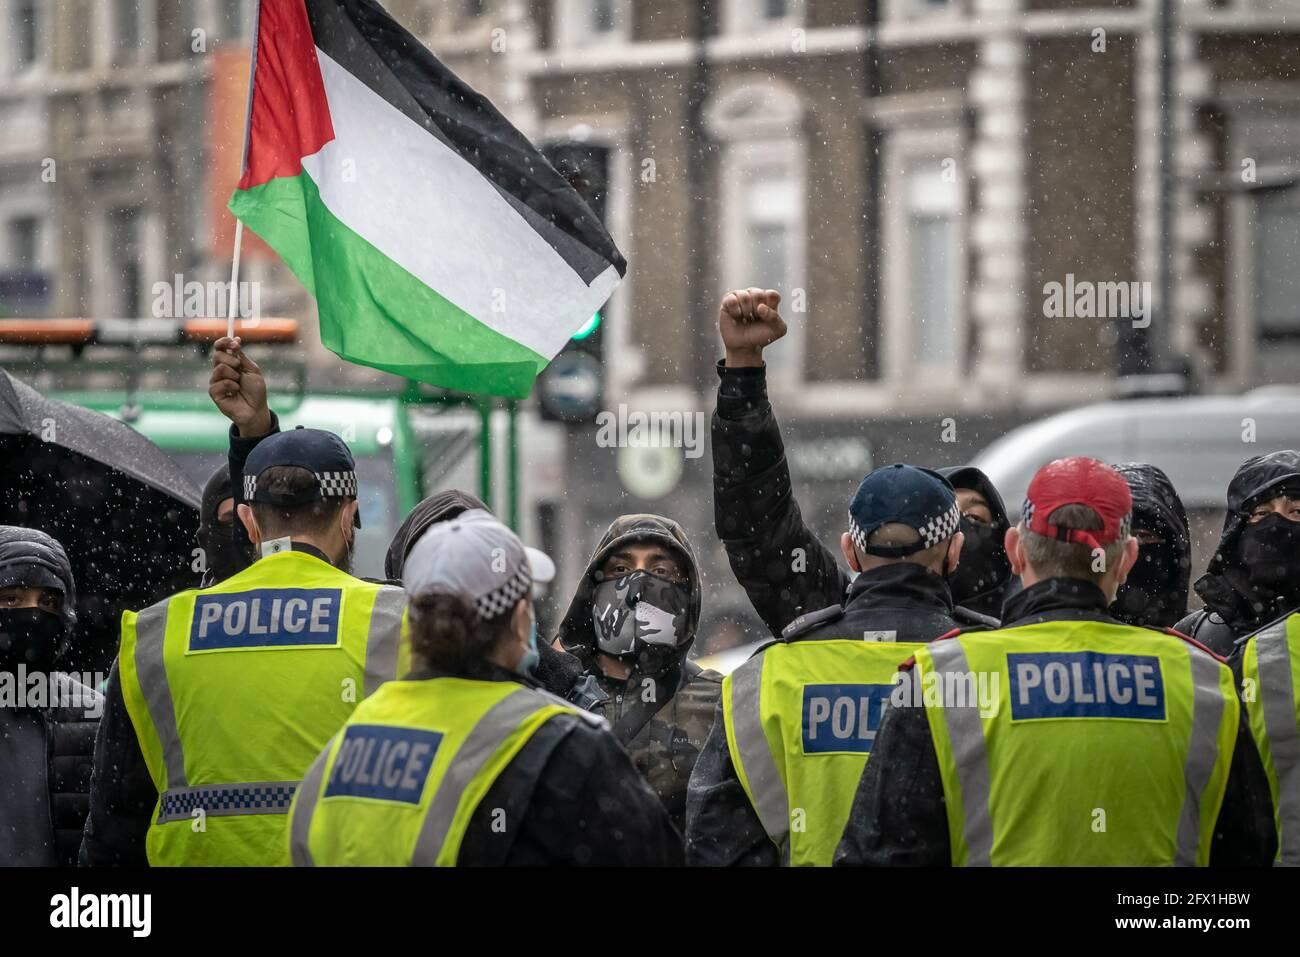 Les manifestants de la Palestine libre s'oppose à un rassemblement « solidarité avec Israël » près de l'ambassade d'Israël sous la présence de la police, Londres, Royaume-Uni. Banque D'Images